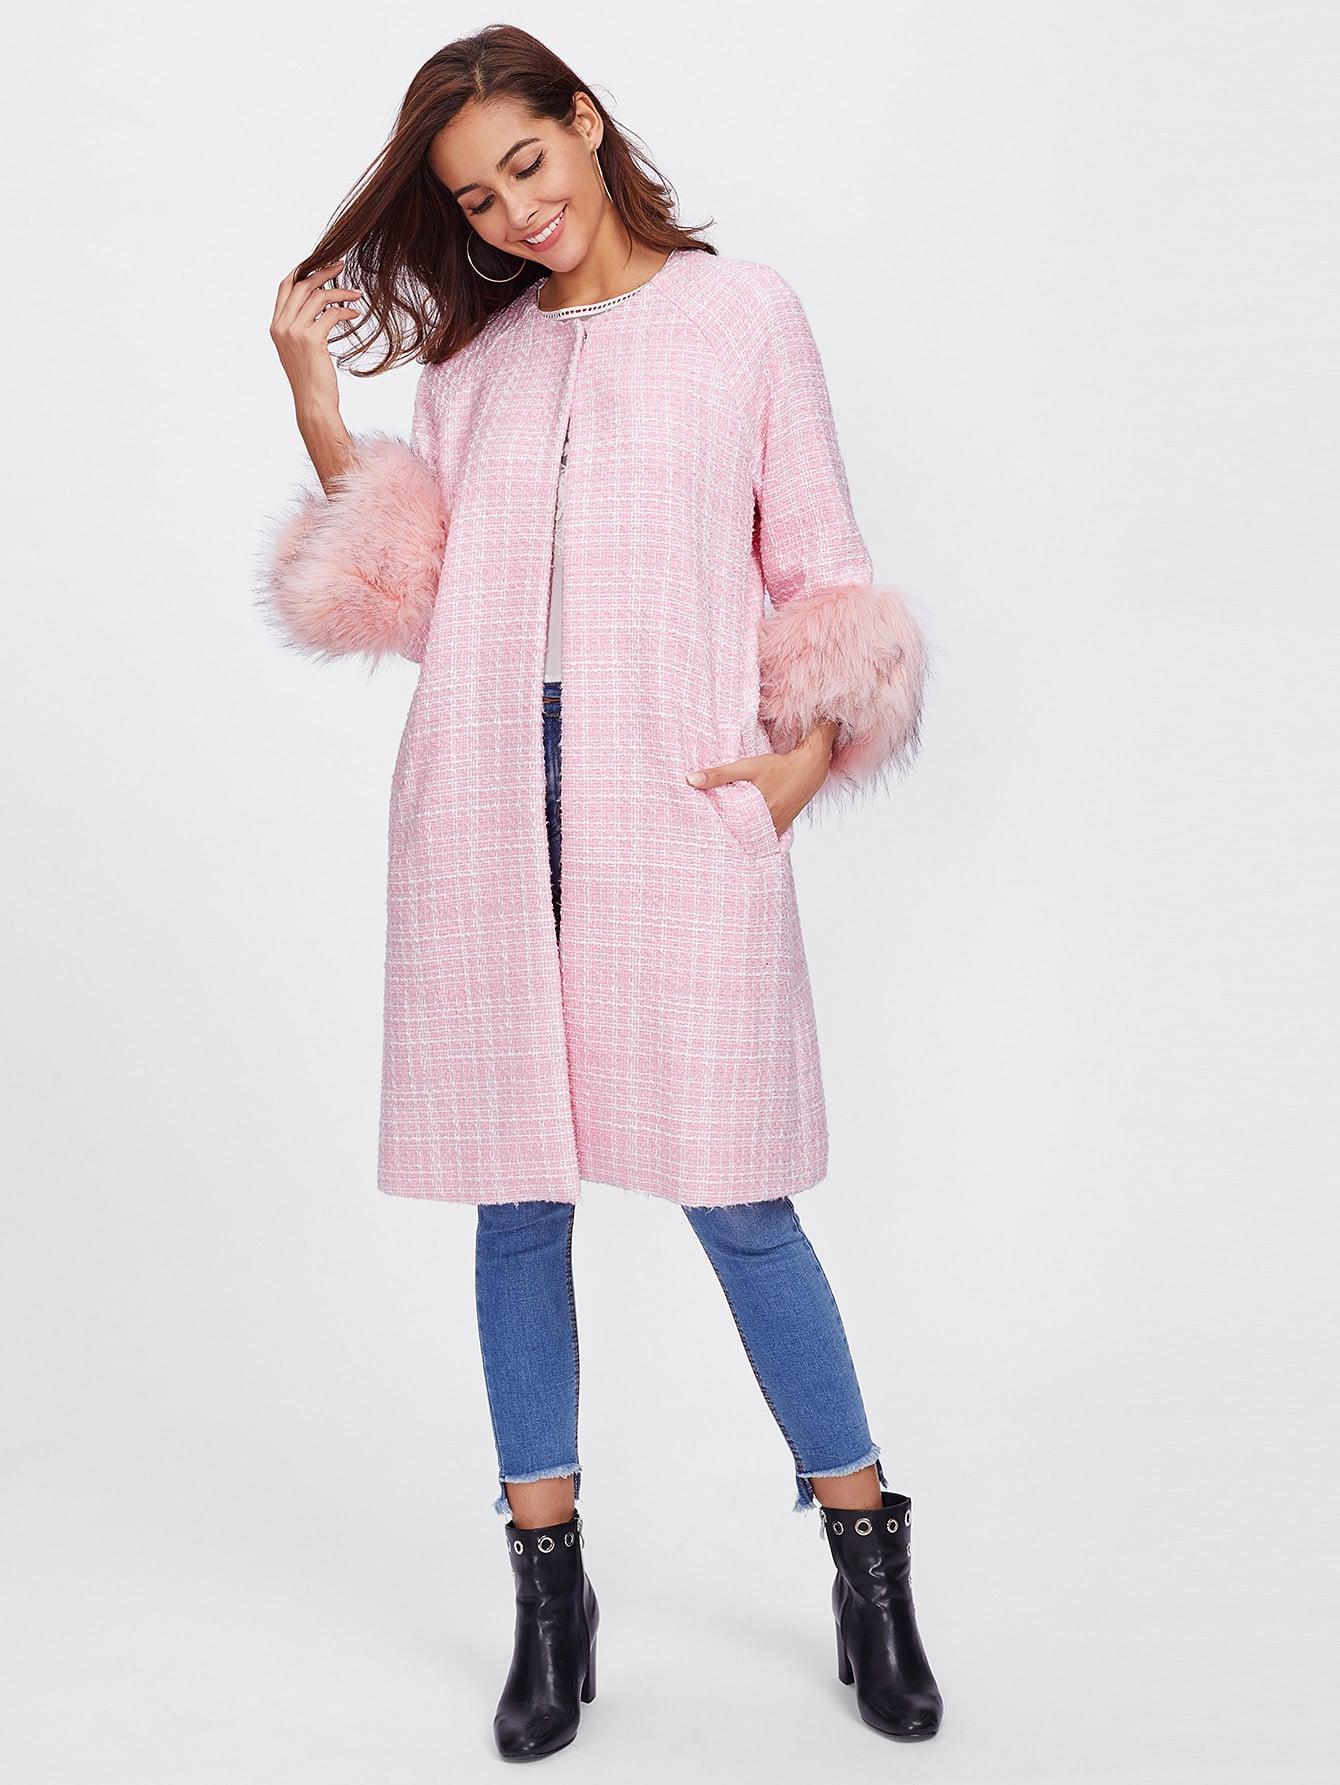 Contrast Faux Fur Trim Raglan Sleeve Tweed Coat